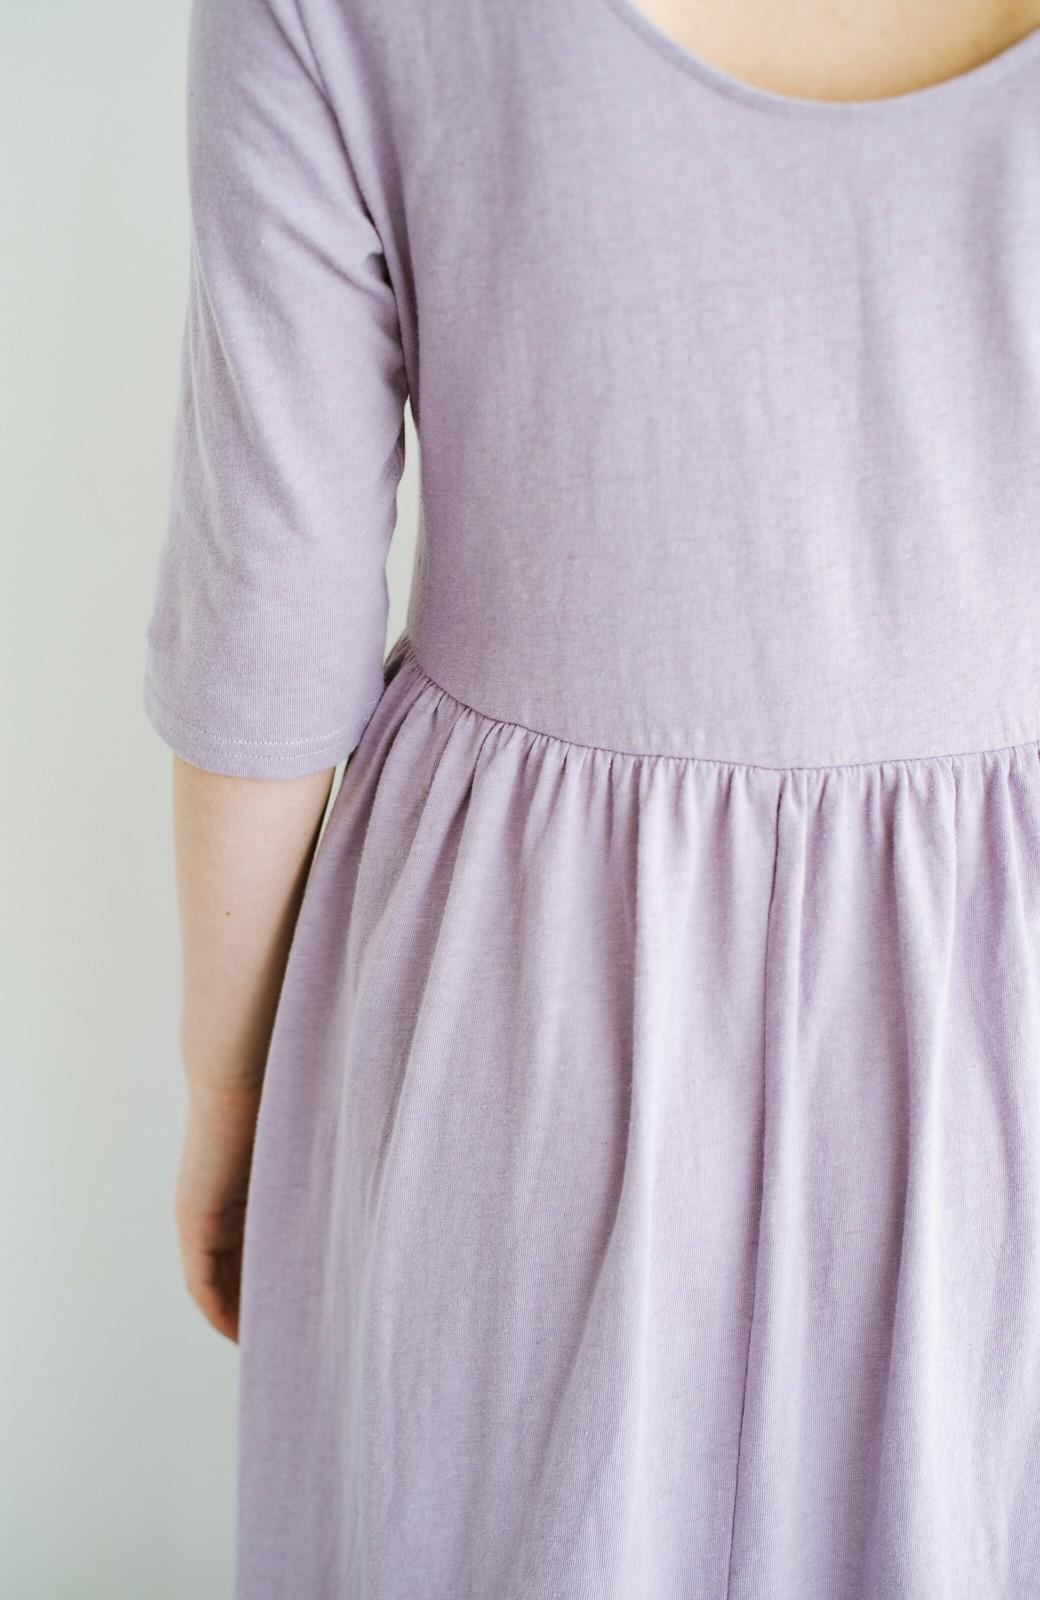 haco! こっそり色っぽ忍ばせて すぽっと着るだけで大人かわいい背中開きワンピース <ラベンダー>の商品写真6